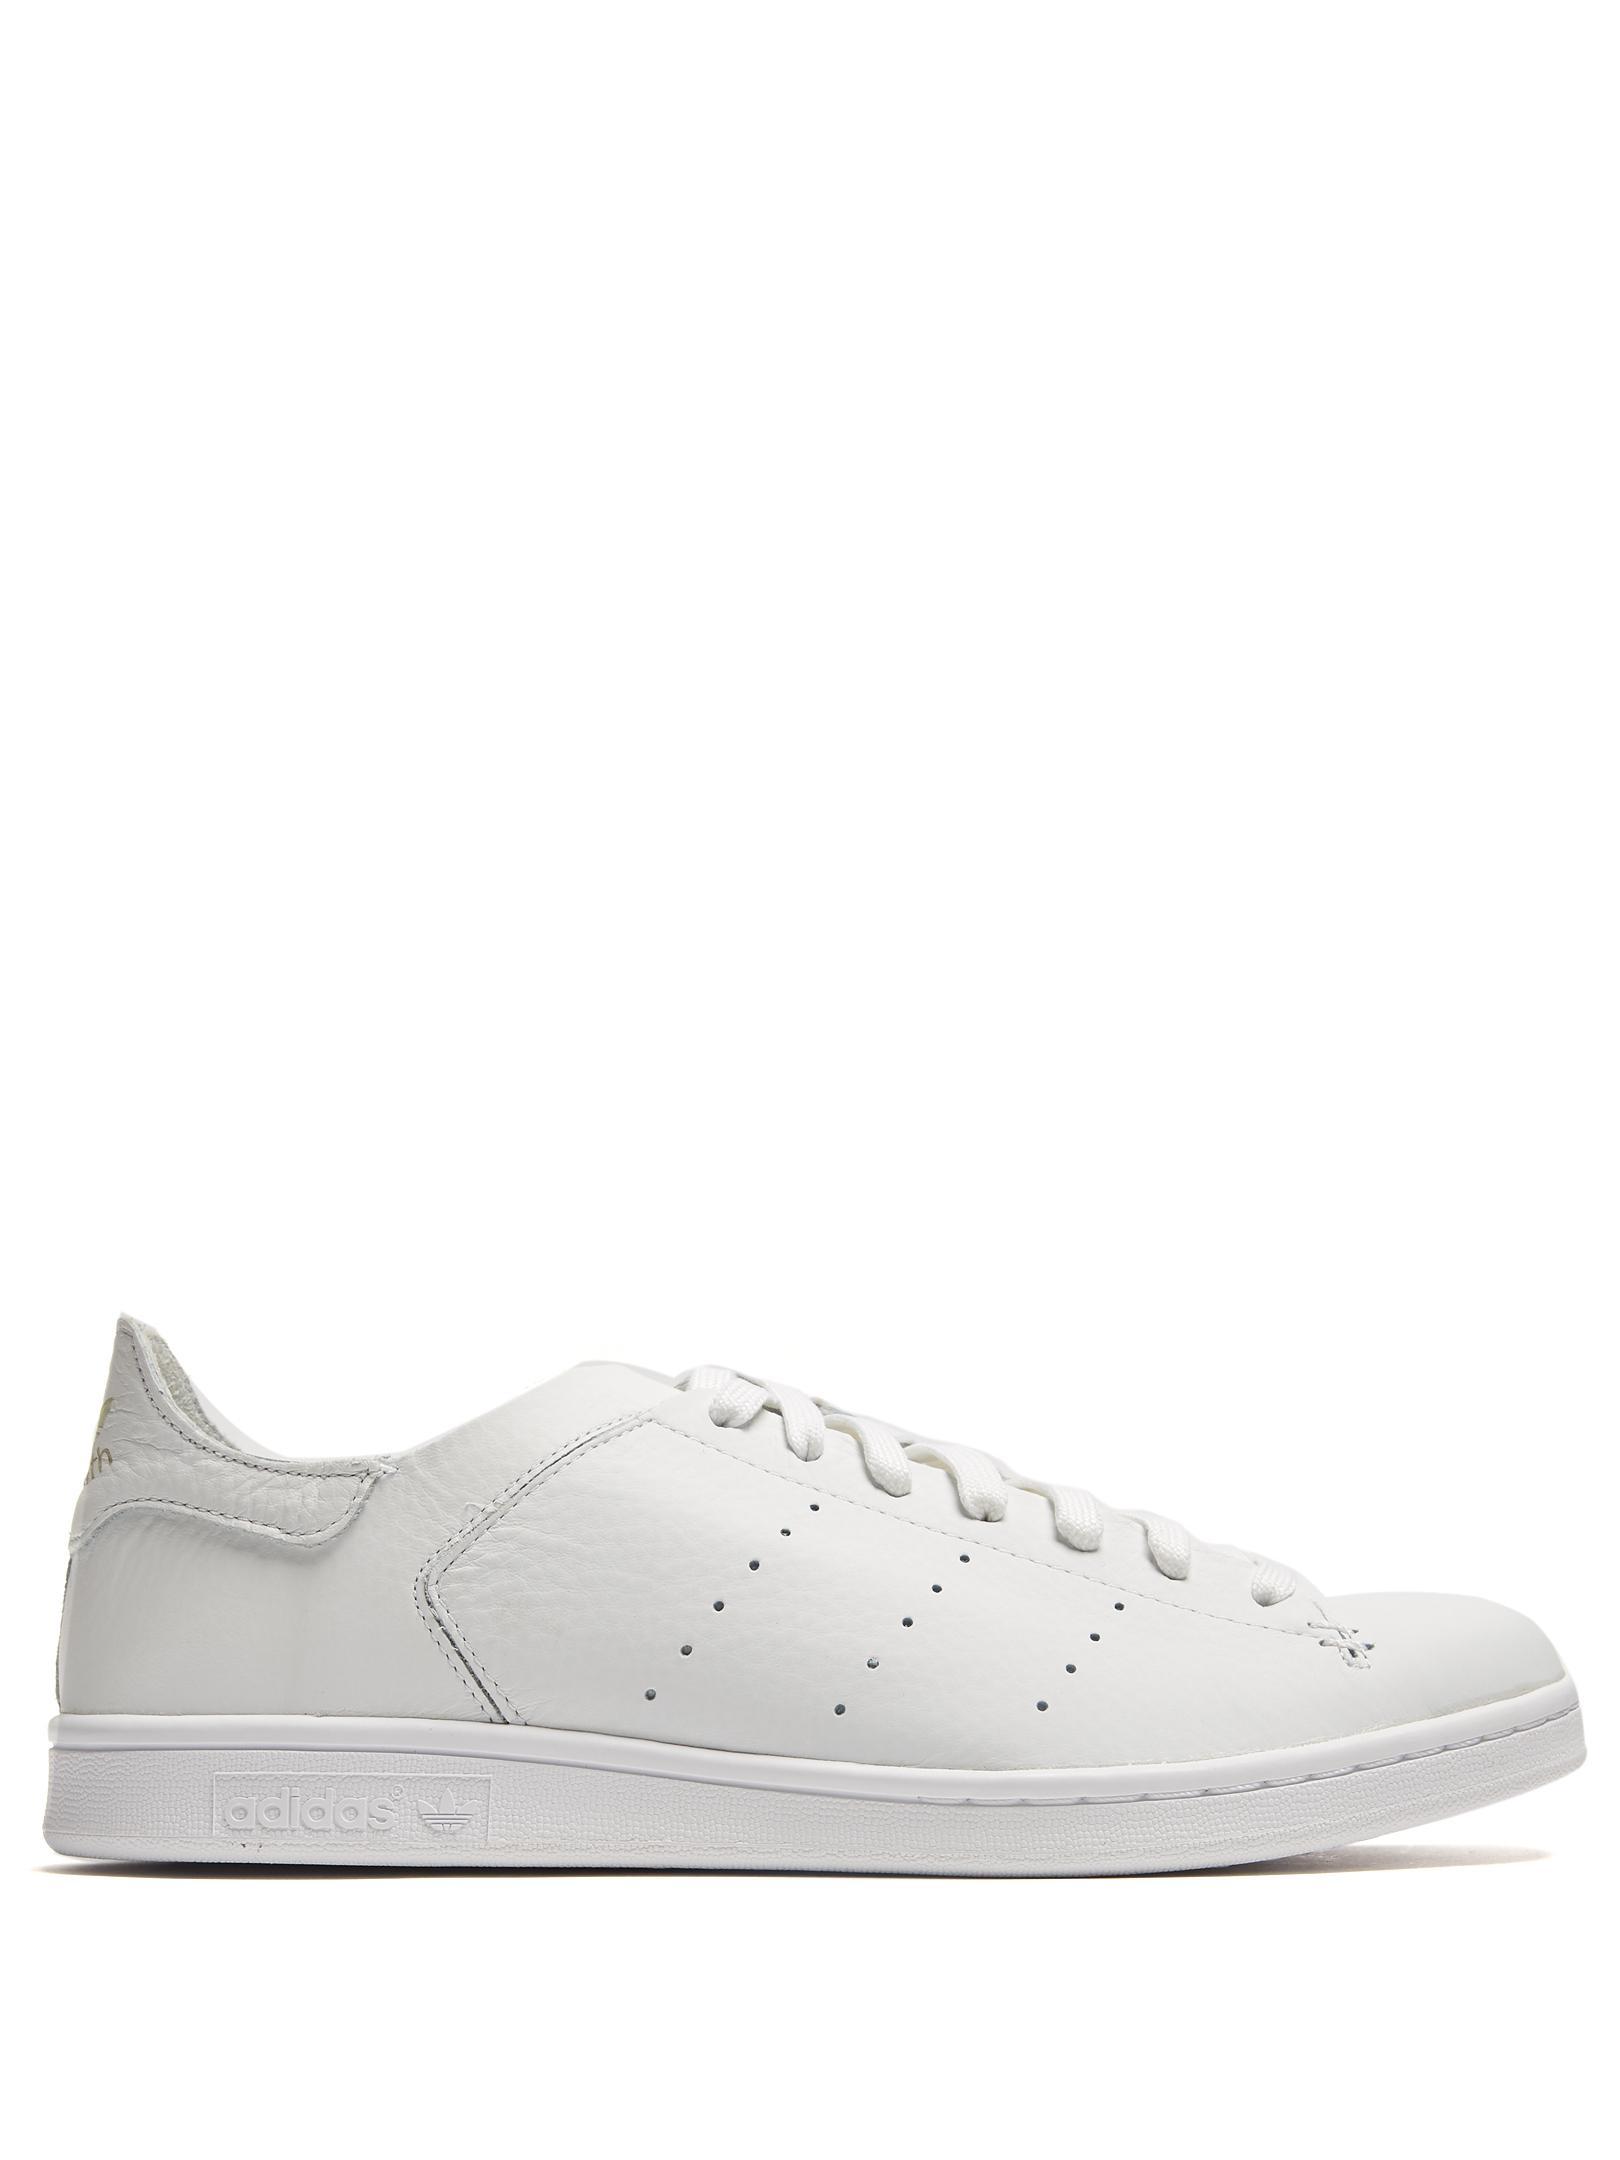 lyst adidas originali stan smith basso top cuoio formatori in bianco.